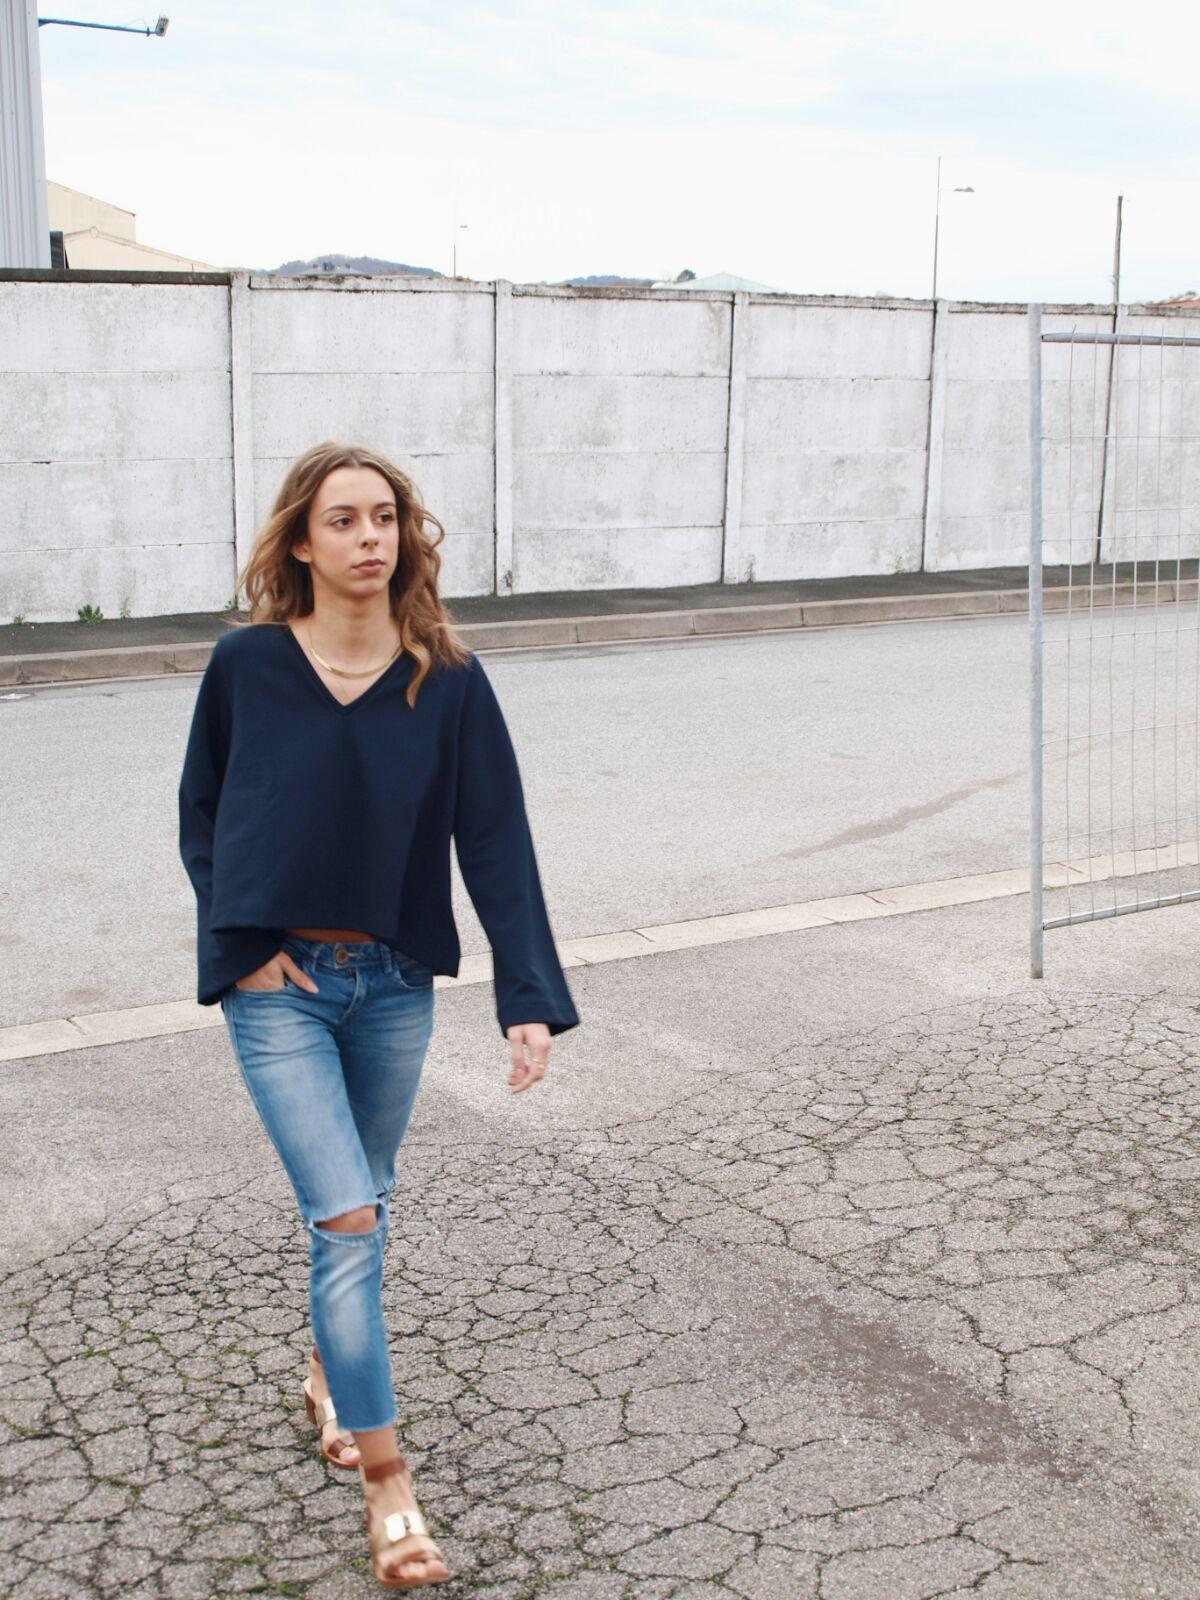 blue-feeling-coastalandco-blog-hendaye-paysbasque-fashion-mode-beaute-jeans-destroy-girl-boheme-casual-hair-smile-blogspot-blogger-zara-asos